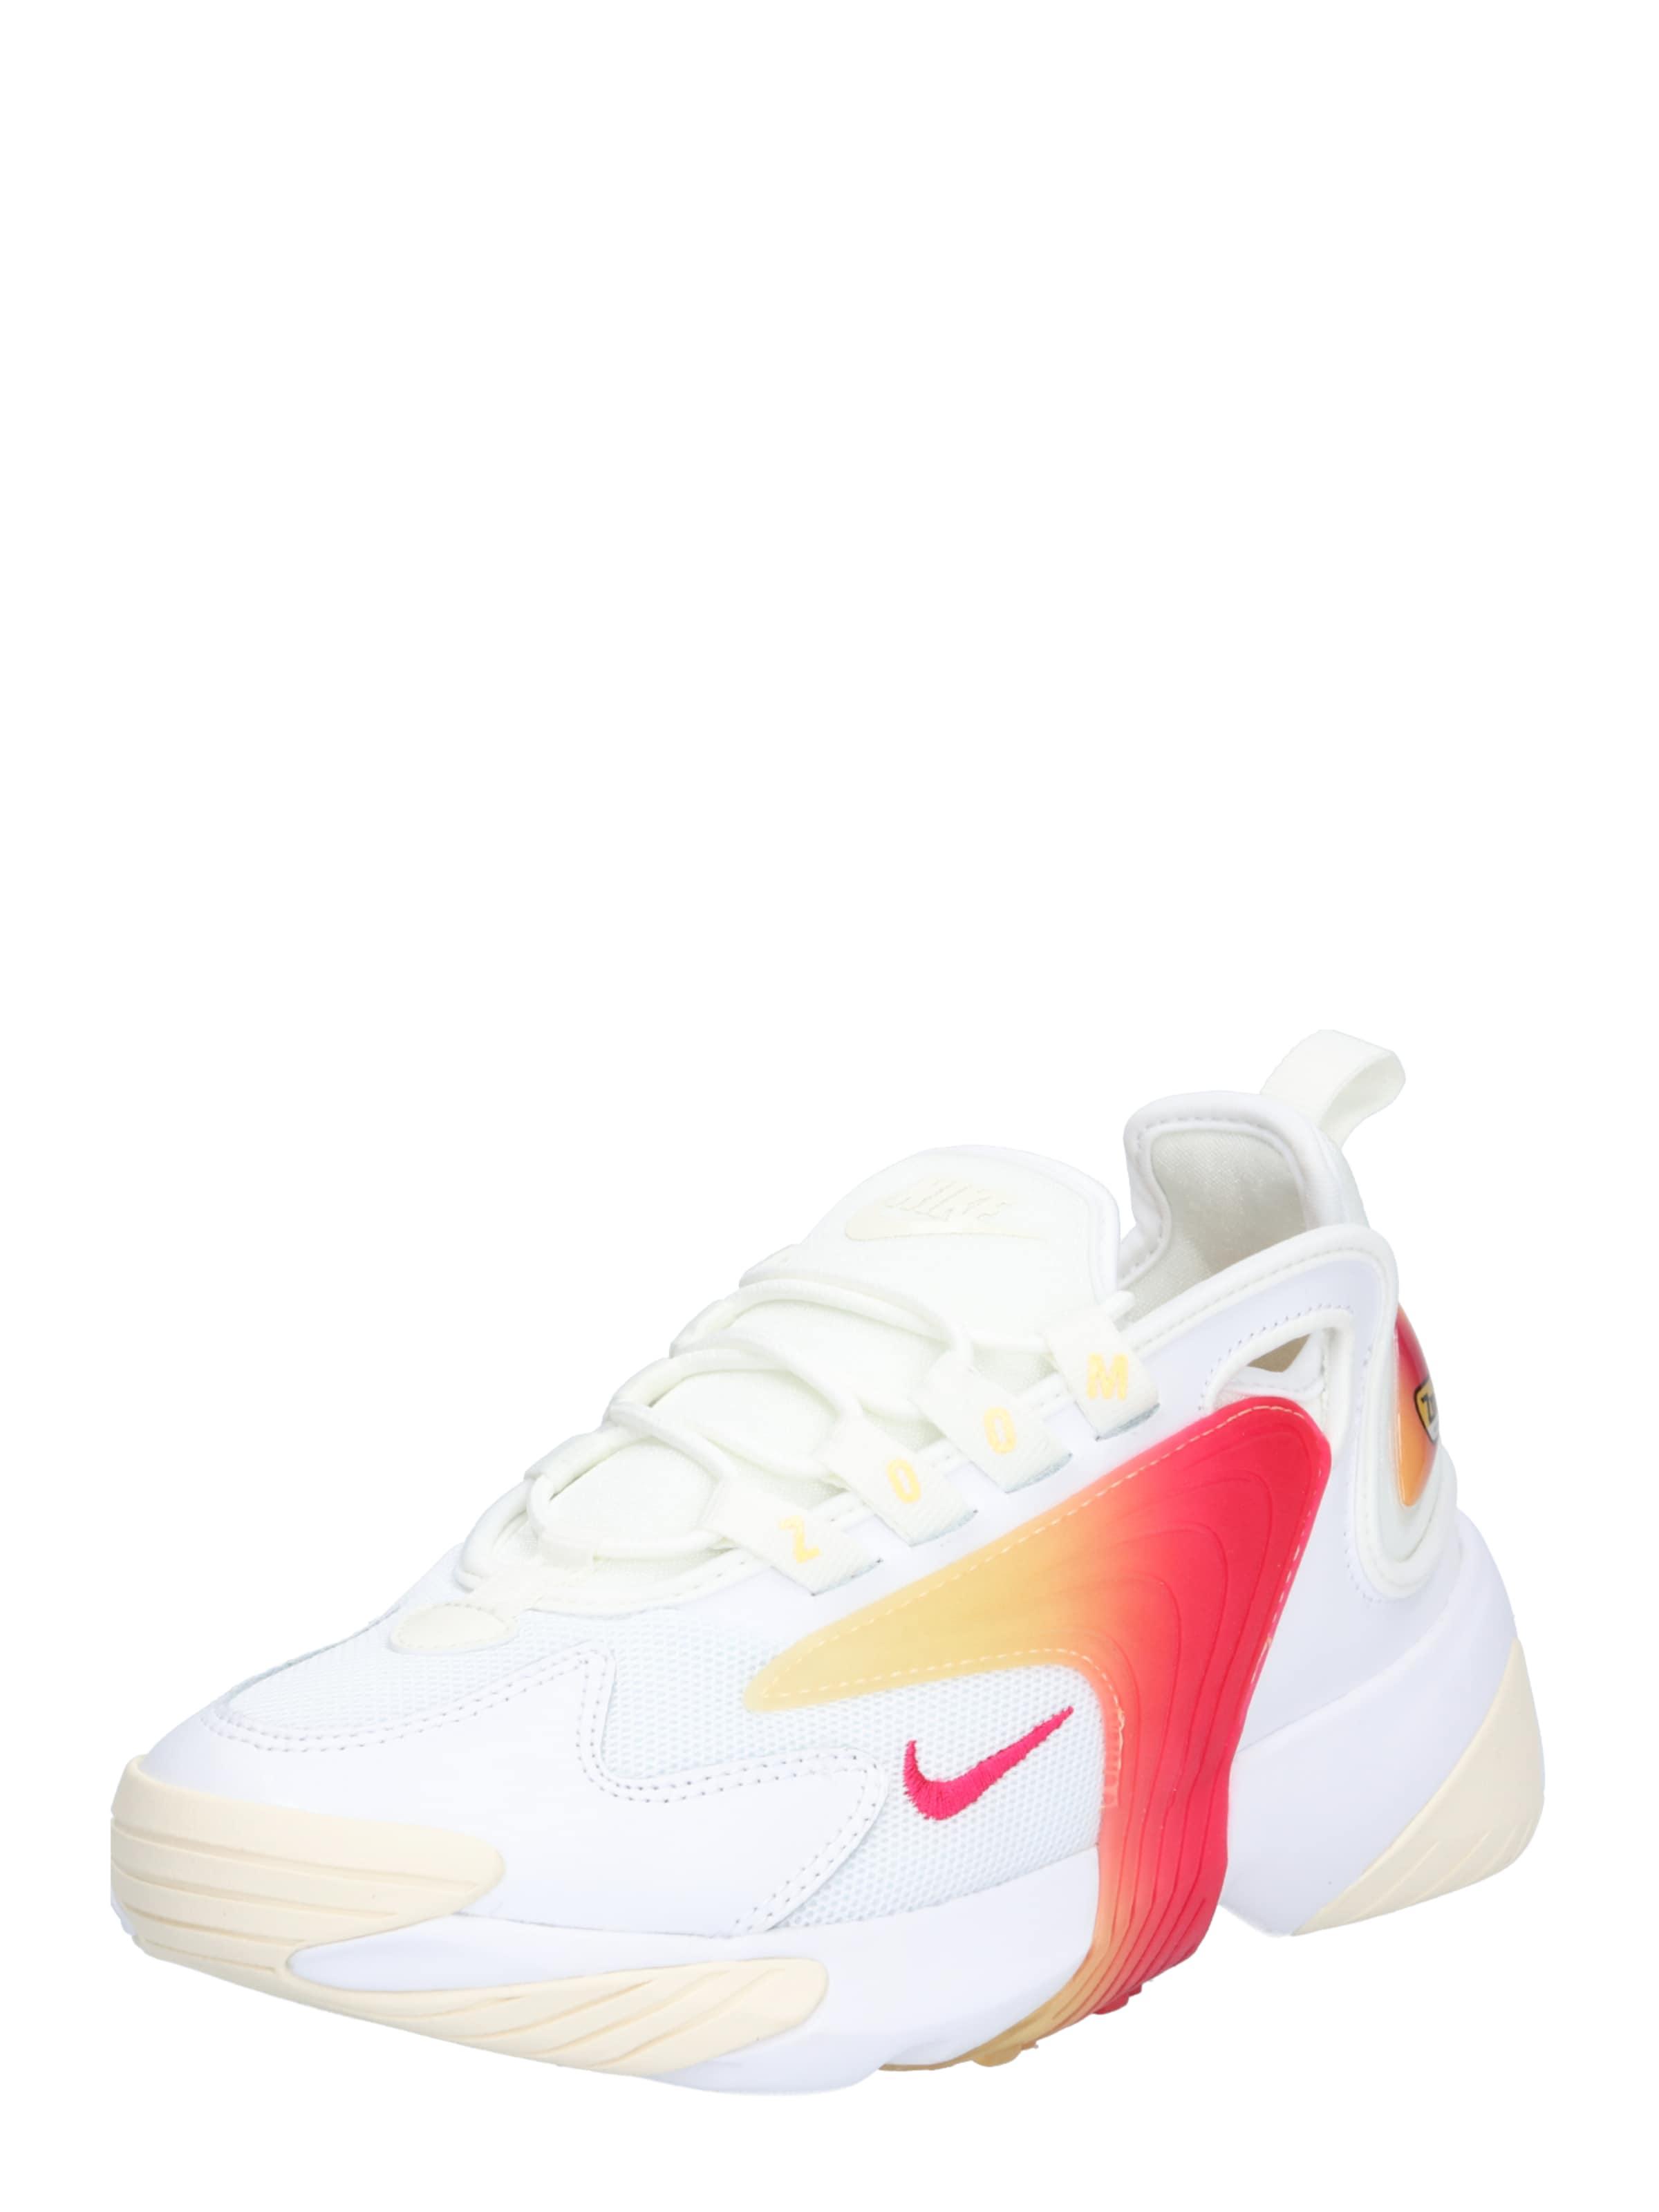 GelbRosa Weiß Sportswear Nike 2k' 'nike In Sneaker Zoom mNnO80wv